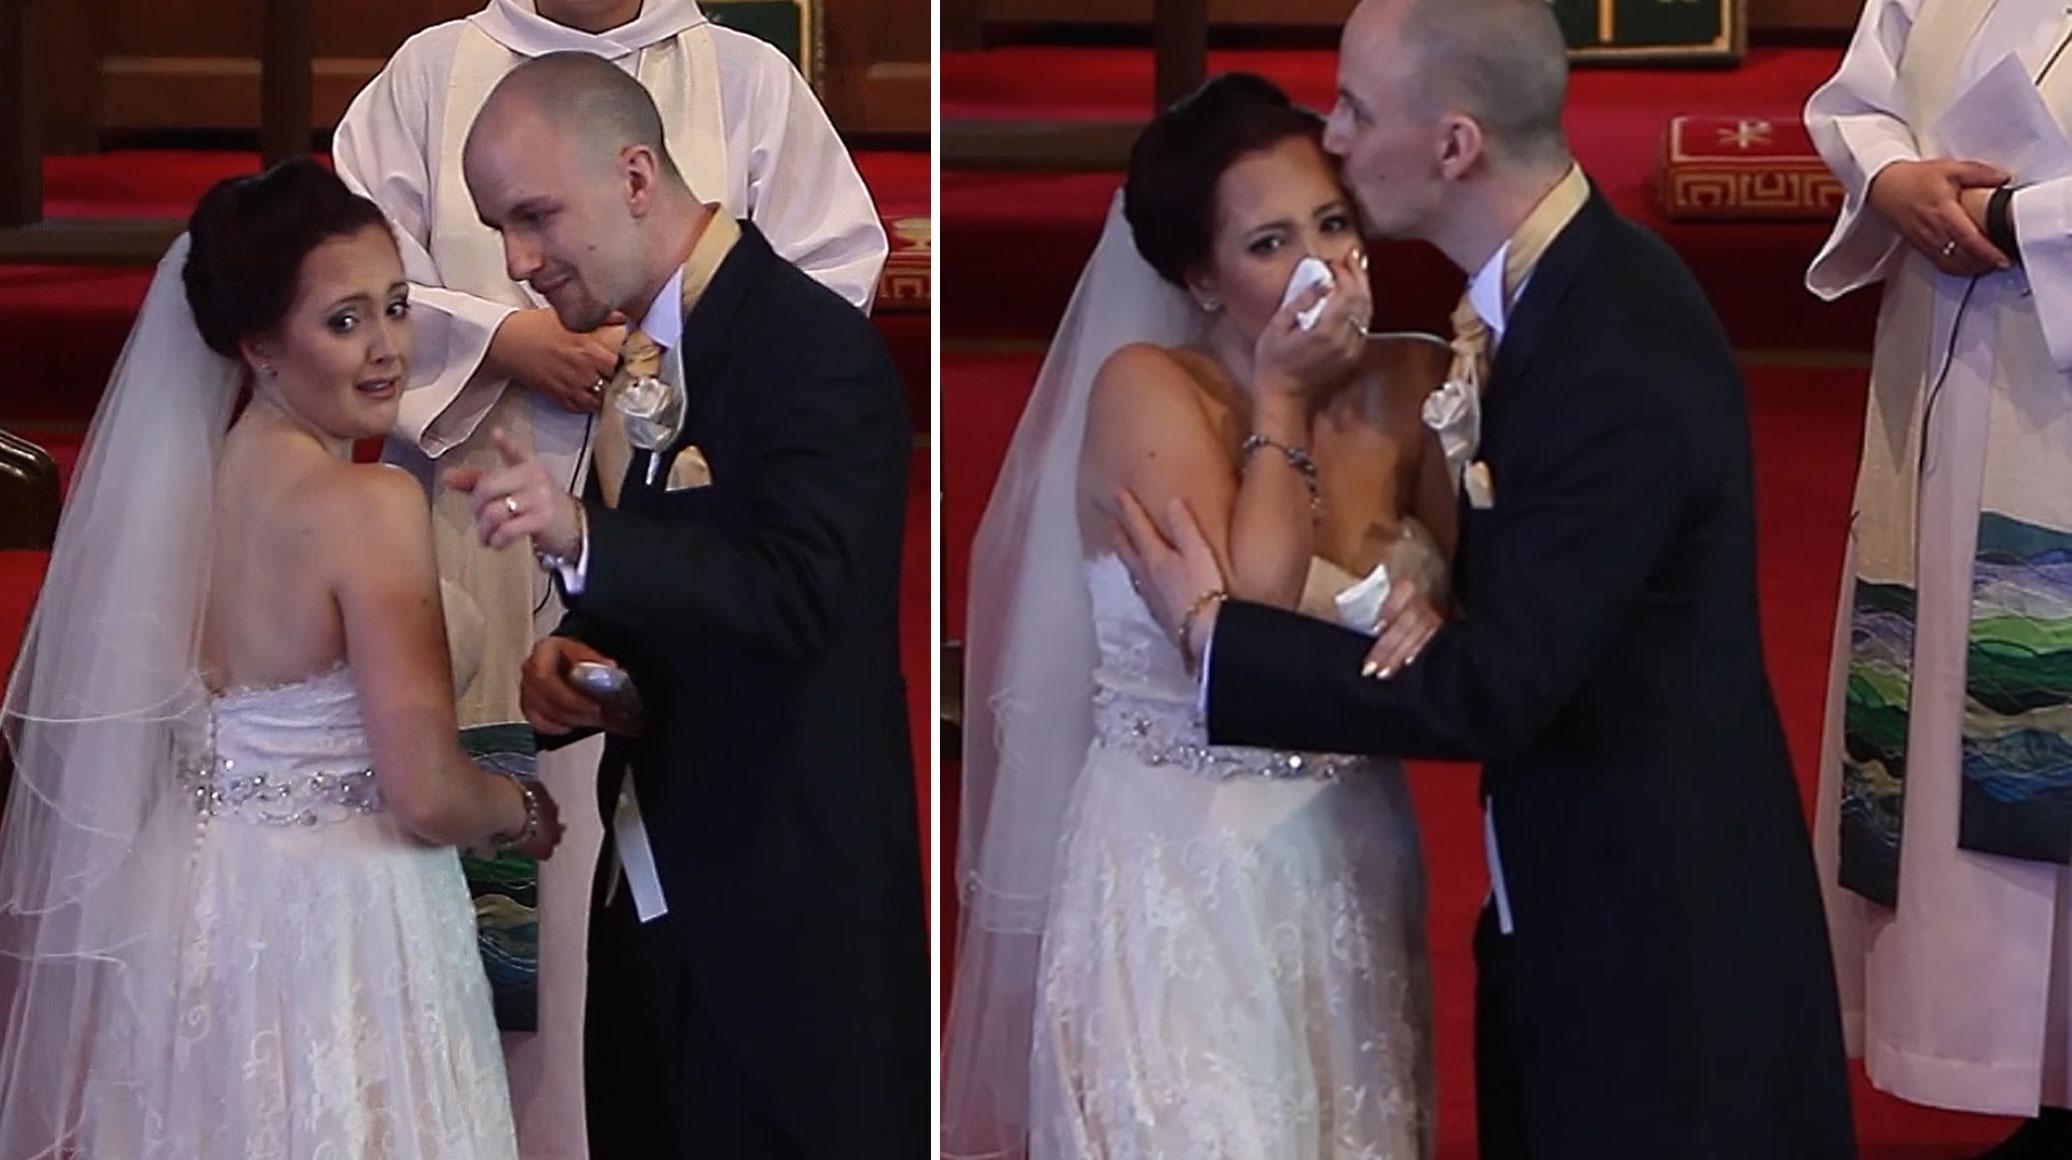 პატარძალმა უამრავი სტუმრის წინაშე ცხარე ტირილი დაიწყო, ამის მიზეზი კი უბაროლდ ...